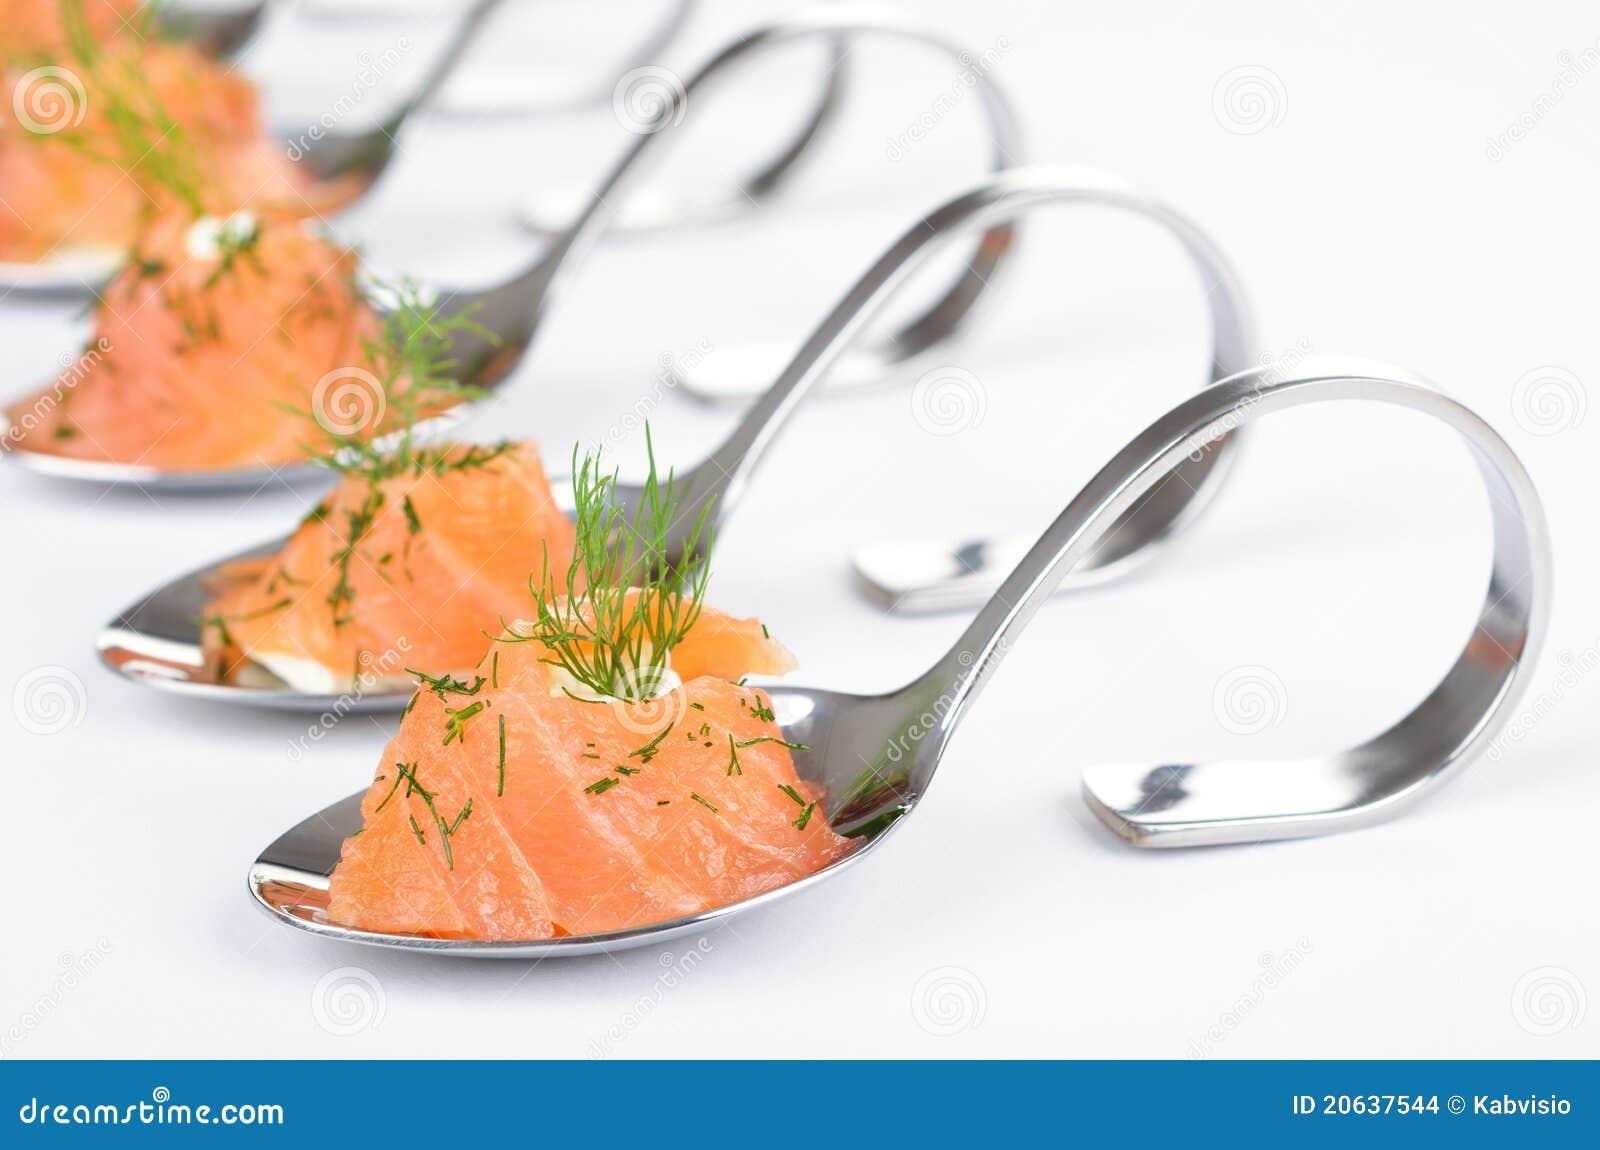 smoked salmon cream cheese